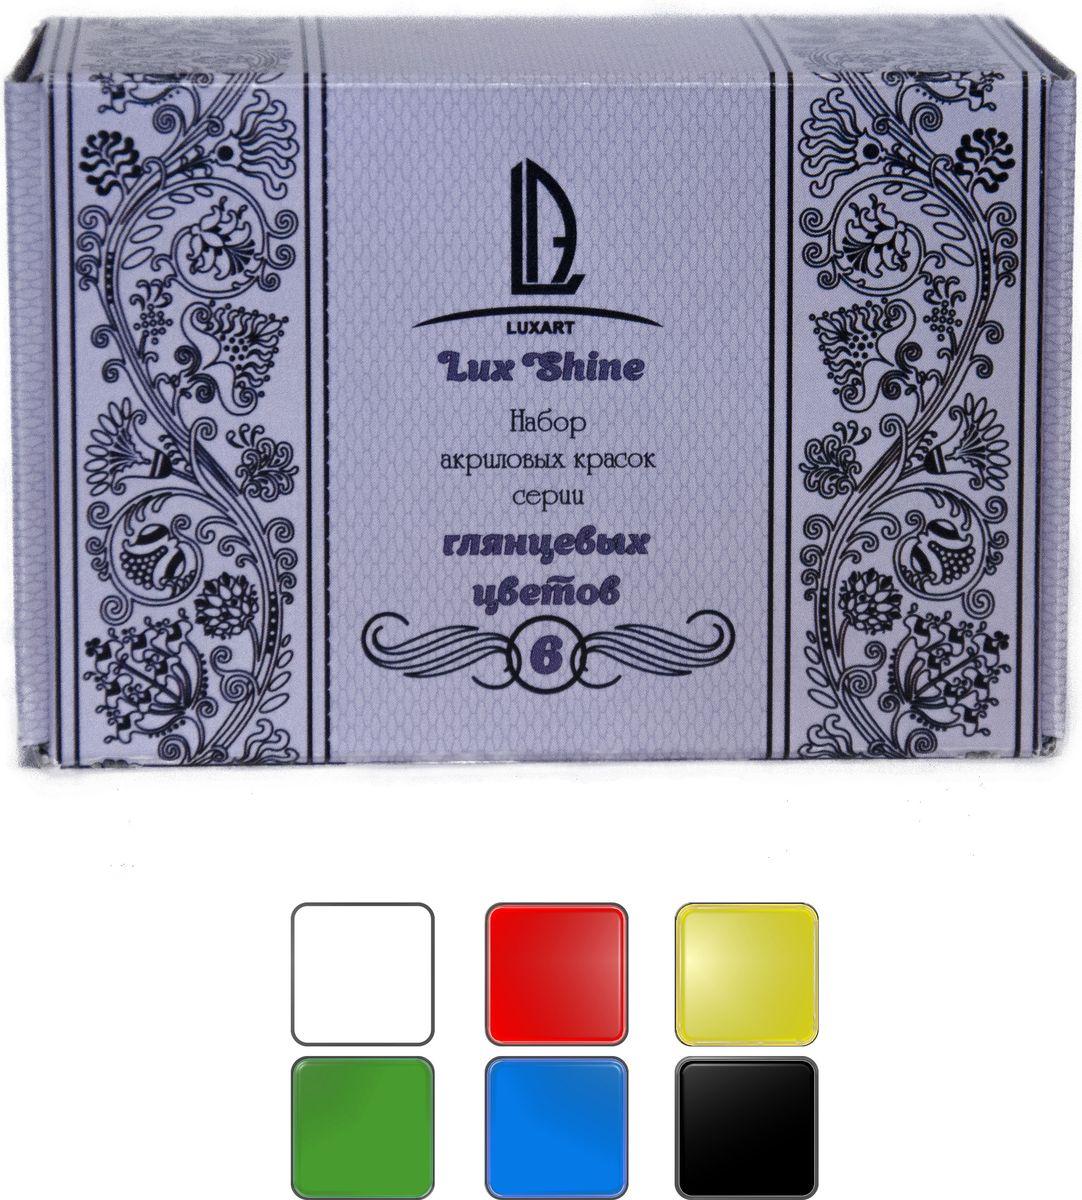 Luxart Набор красок LuxSet Shine 6 цветов 20 млM14V80Набор акриловых красок матовой серии 6 цветов по 20 мл.